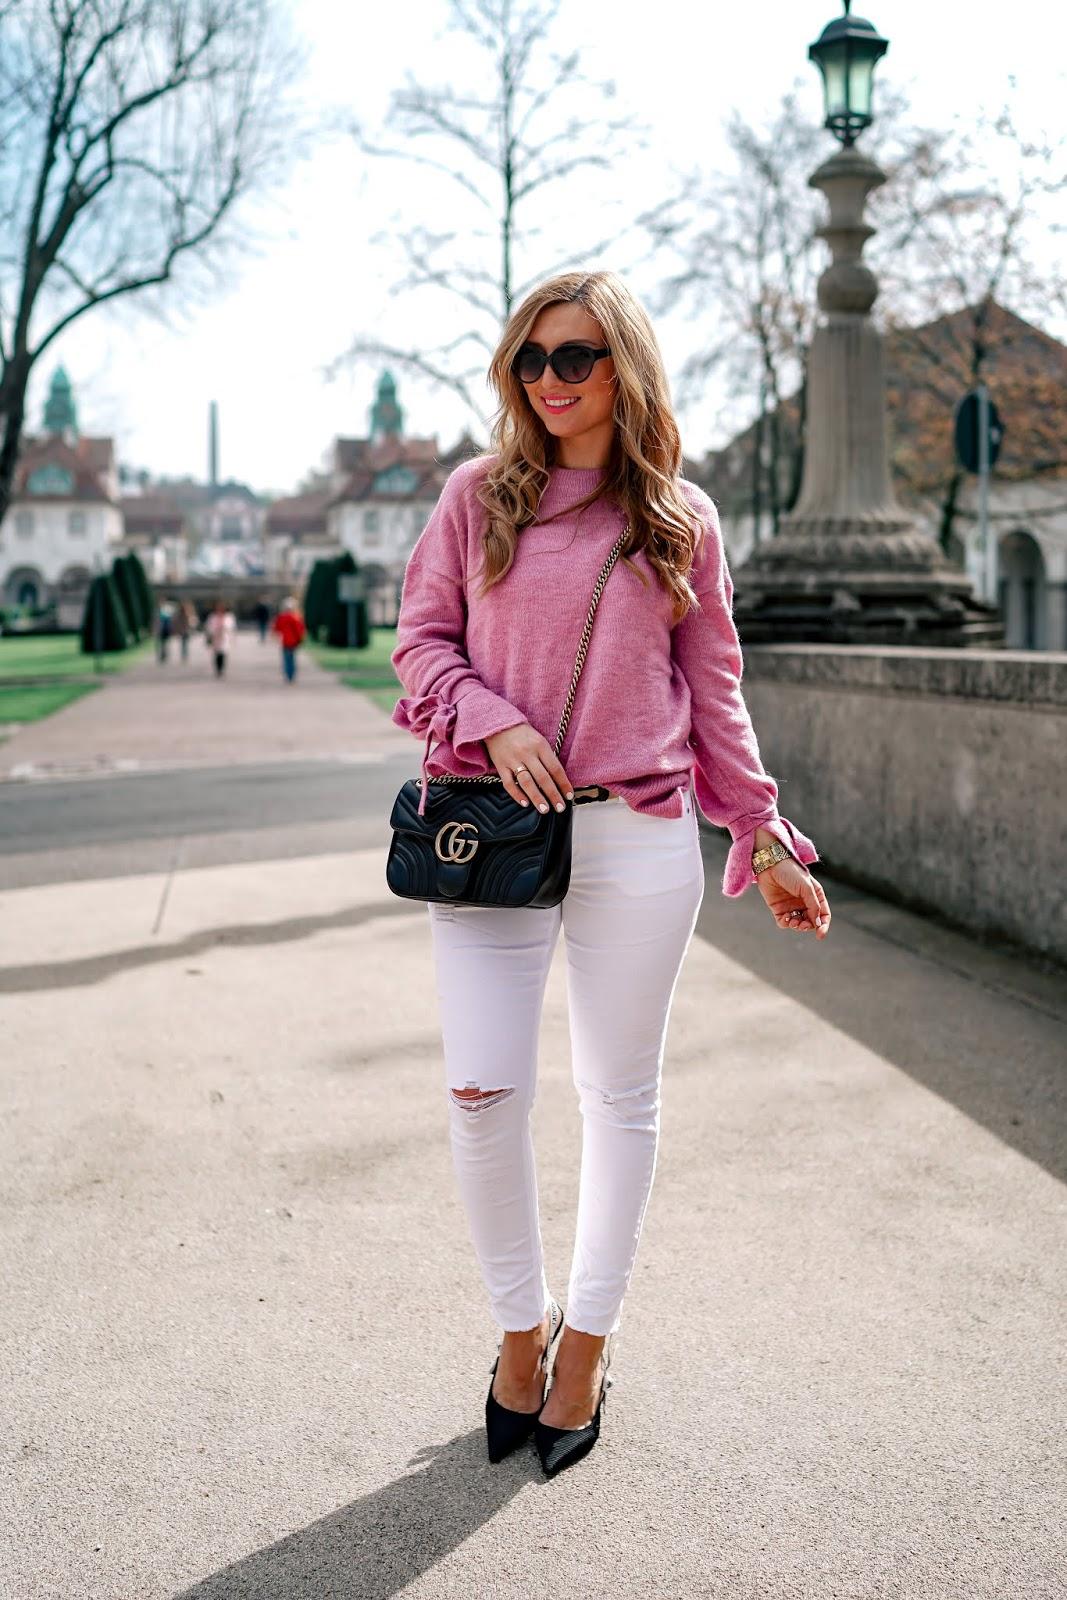 gucci-marmont-tasche-schwarz-weiße-jeans-rosa-pullover (3)